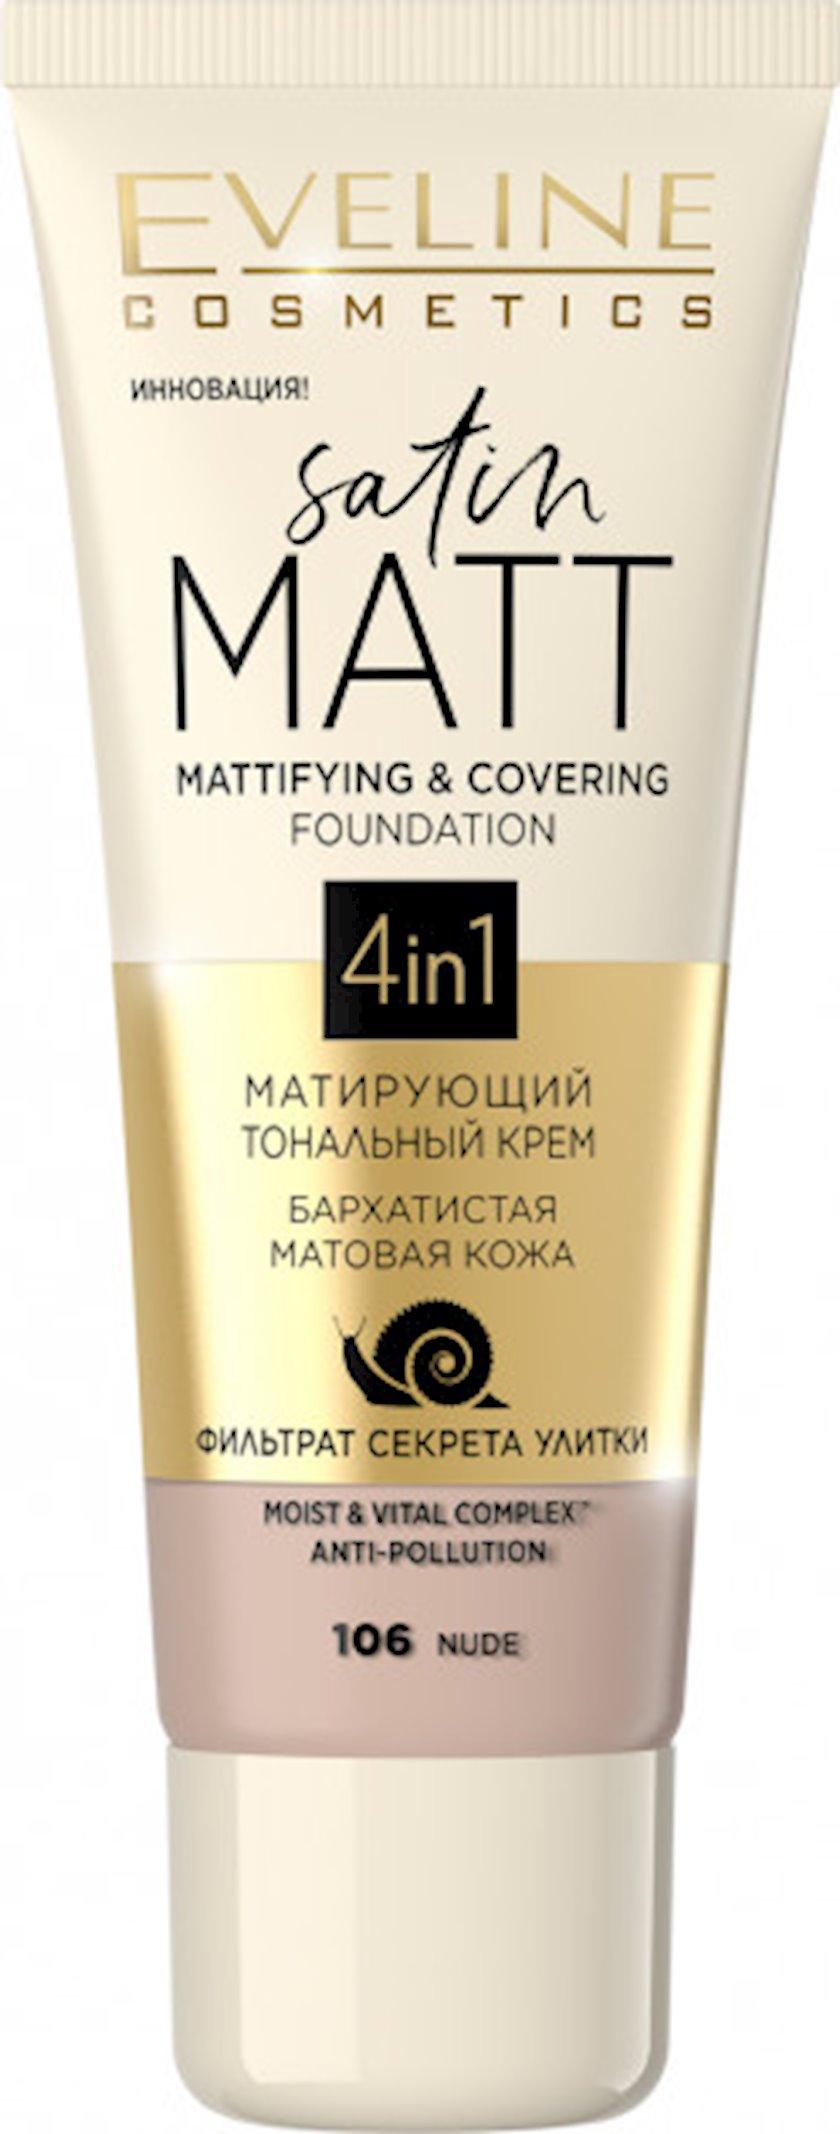 Matlaşdırıcı tonal krem Eveline Satin Matt 106 Nude 30 ml